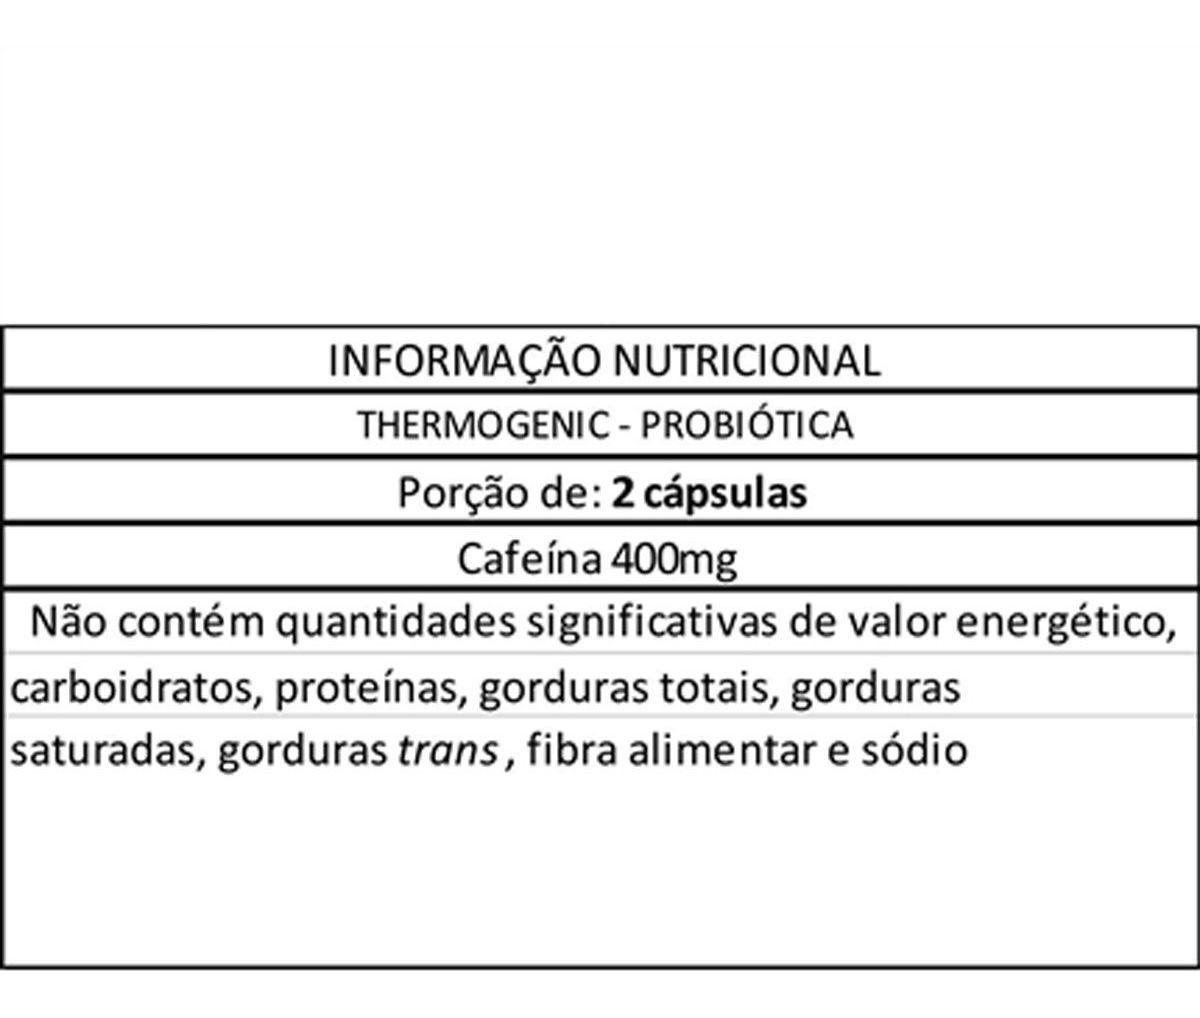 THERMOGENIC 120 CAPS - PROBIOTICA